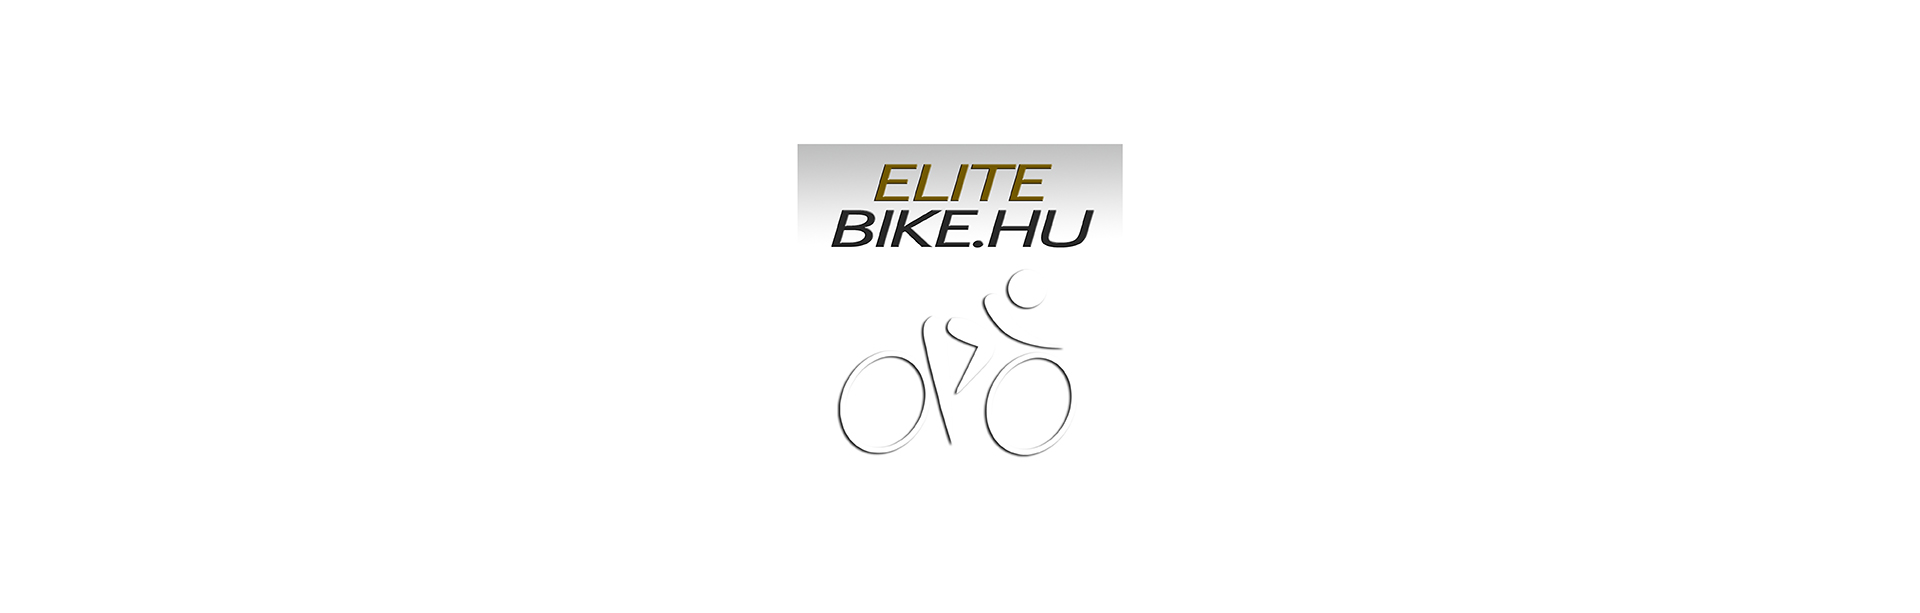 EliteBike.hu